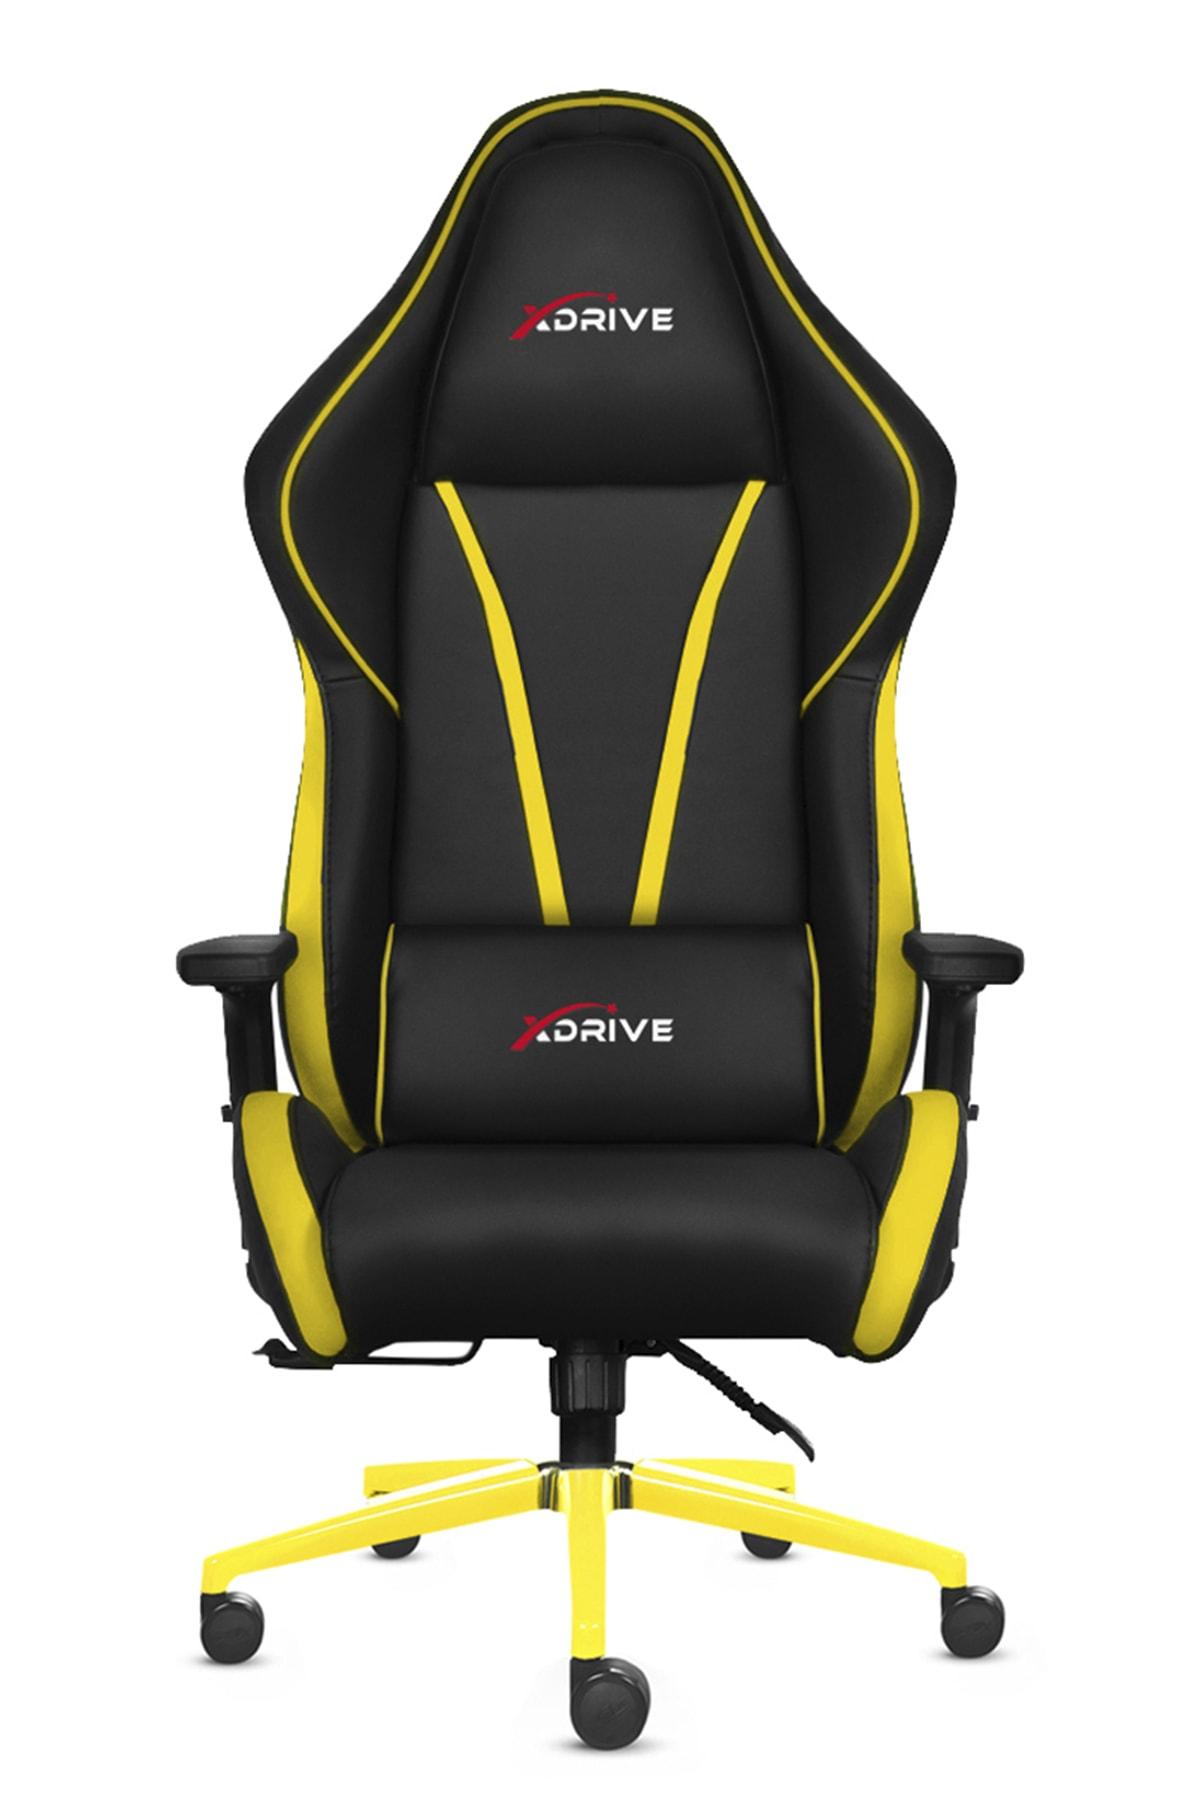 XDrive Sancak Profesyonel Oyun   Oyuncu Koltuğu Bilgisayar Koltugu Sarı/Siyah 1